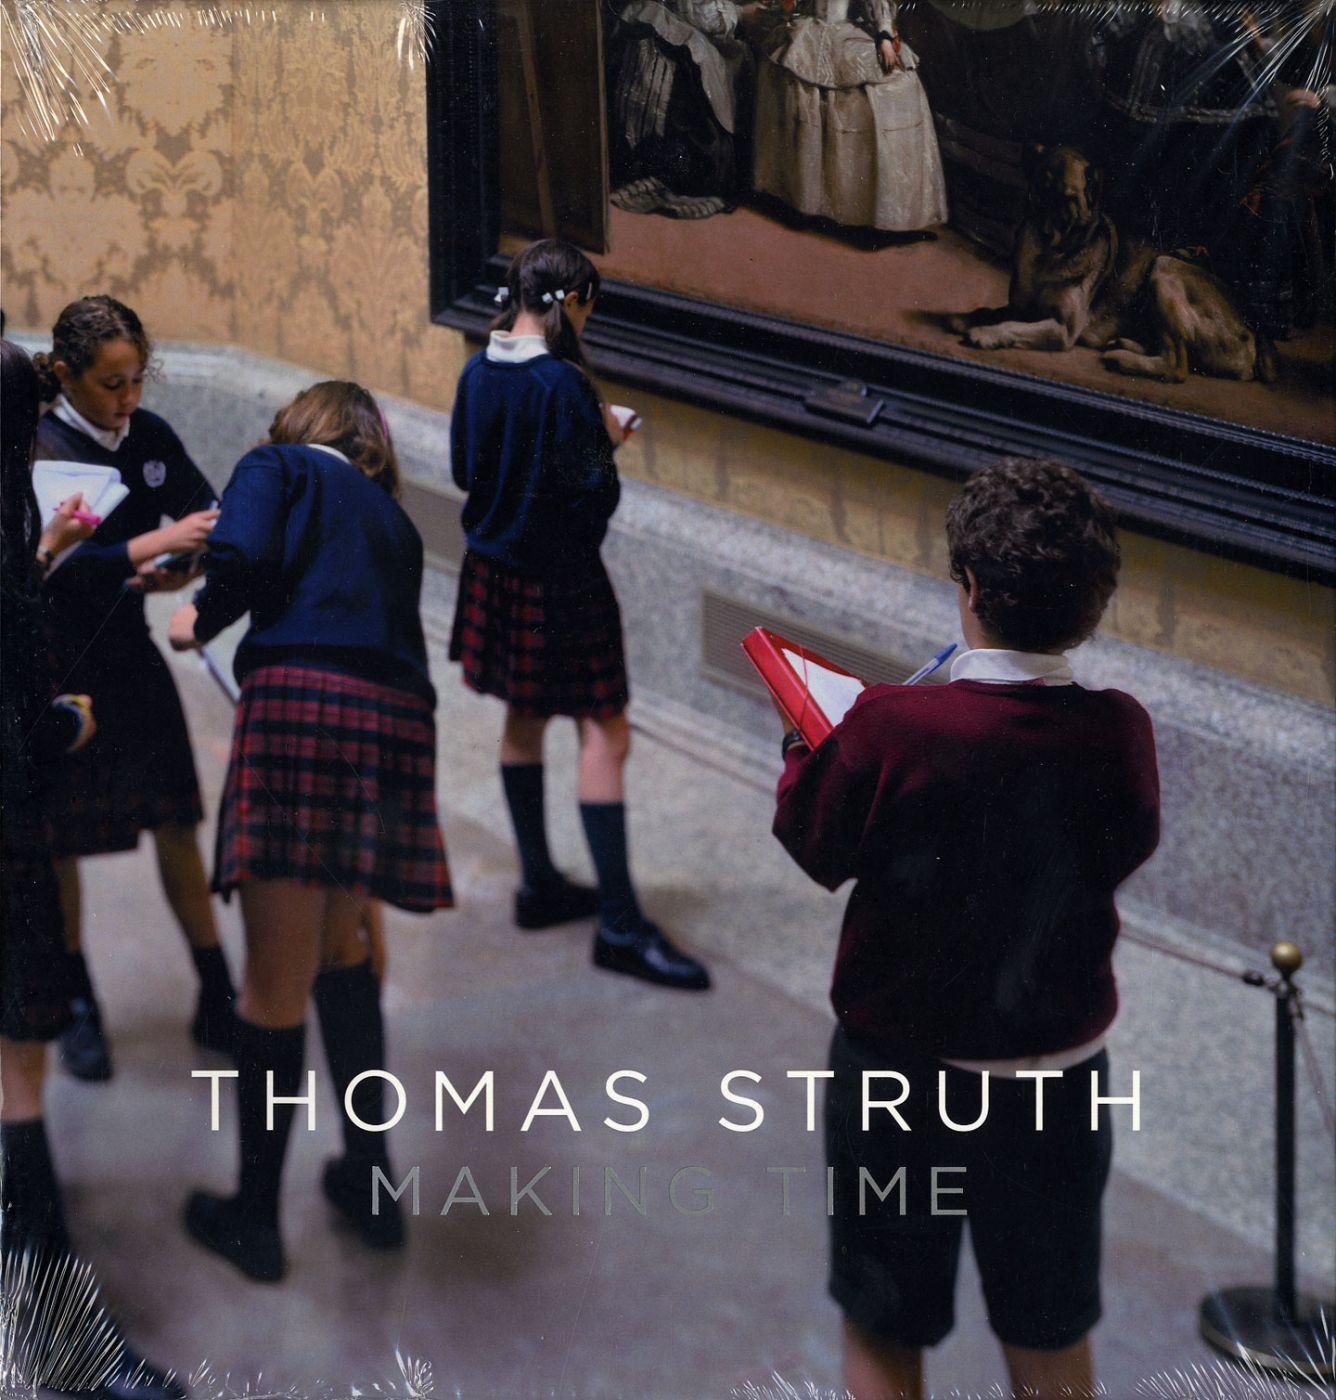 Thomas Struth: Making Time - STRUTH, Thomas, DE DIEGO, Estrella